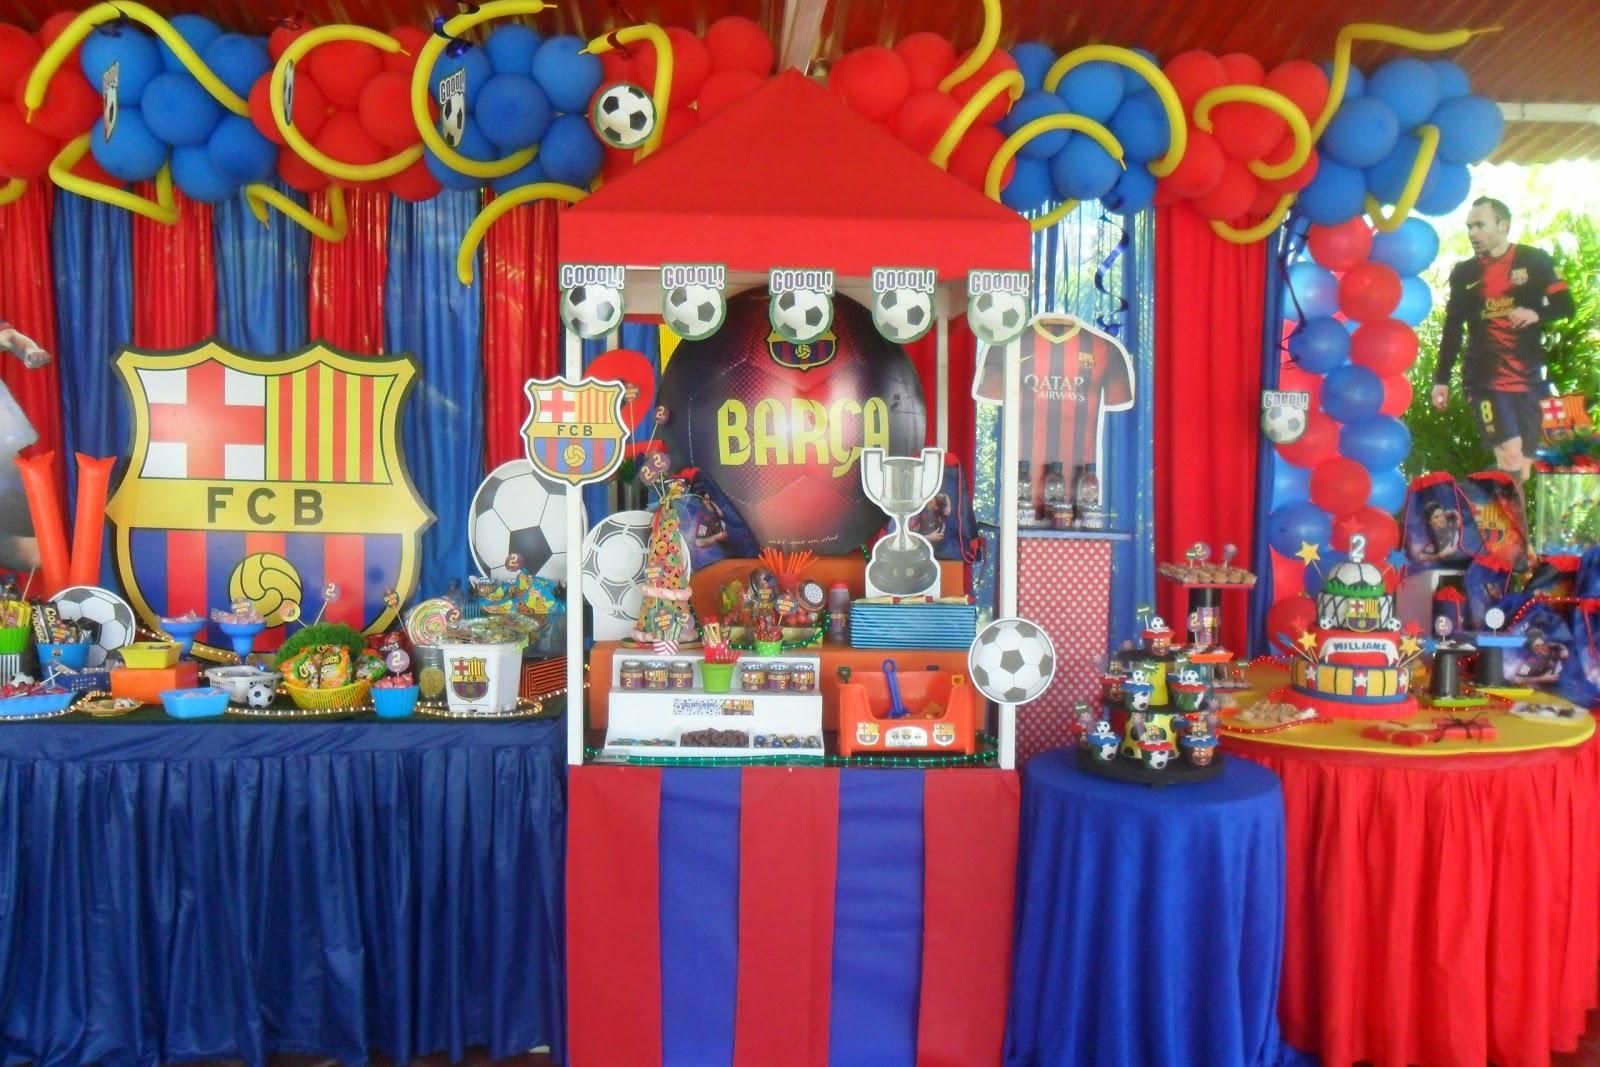 infantil decoracion barcelona hd 1080p 4k foto